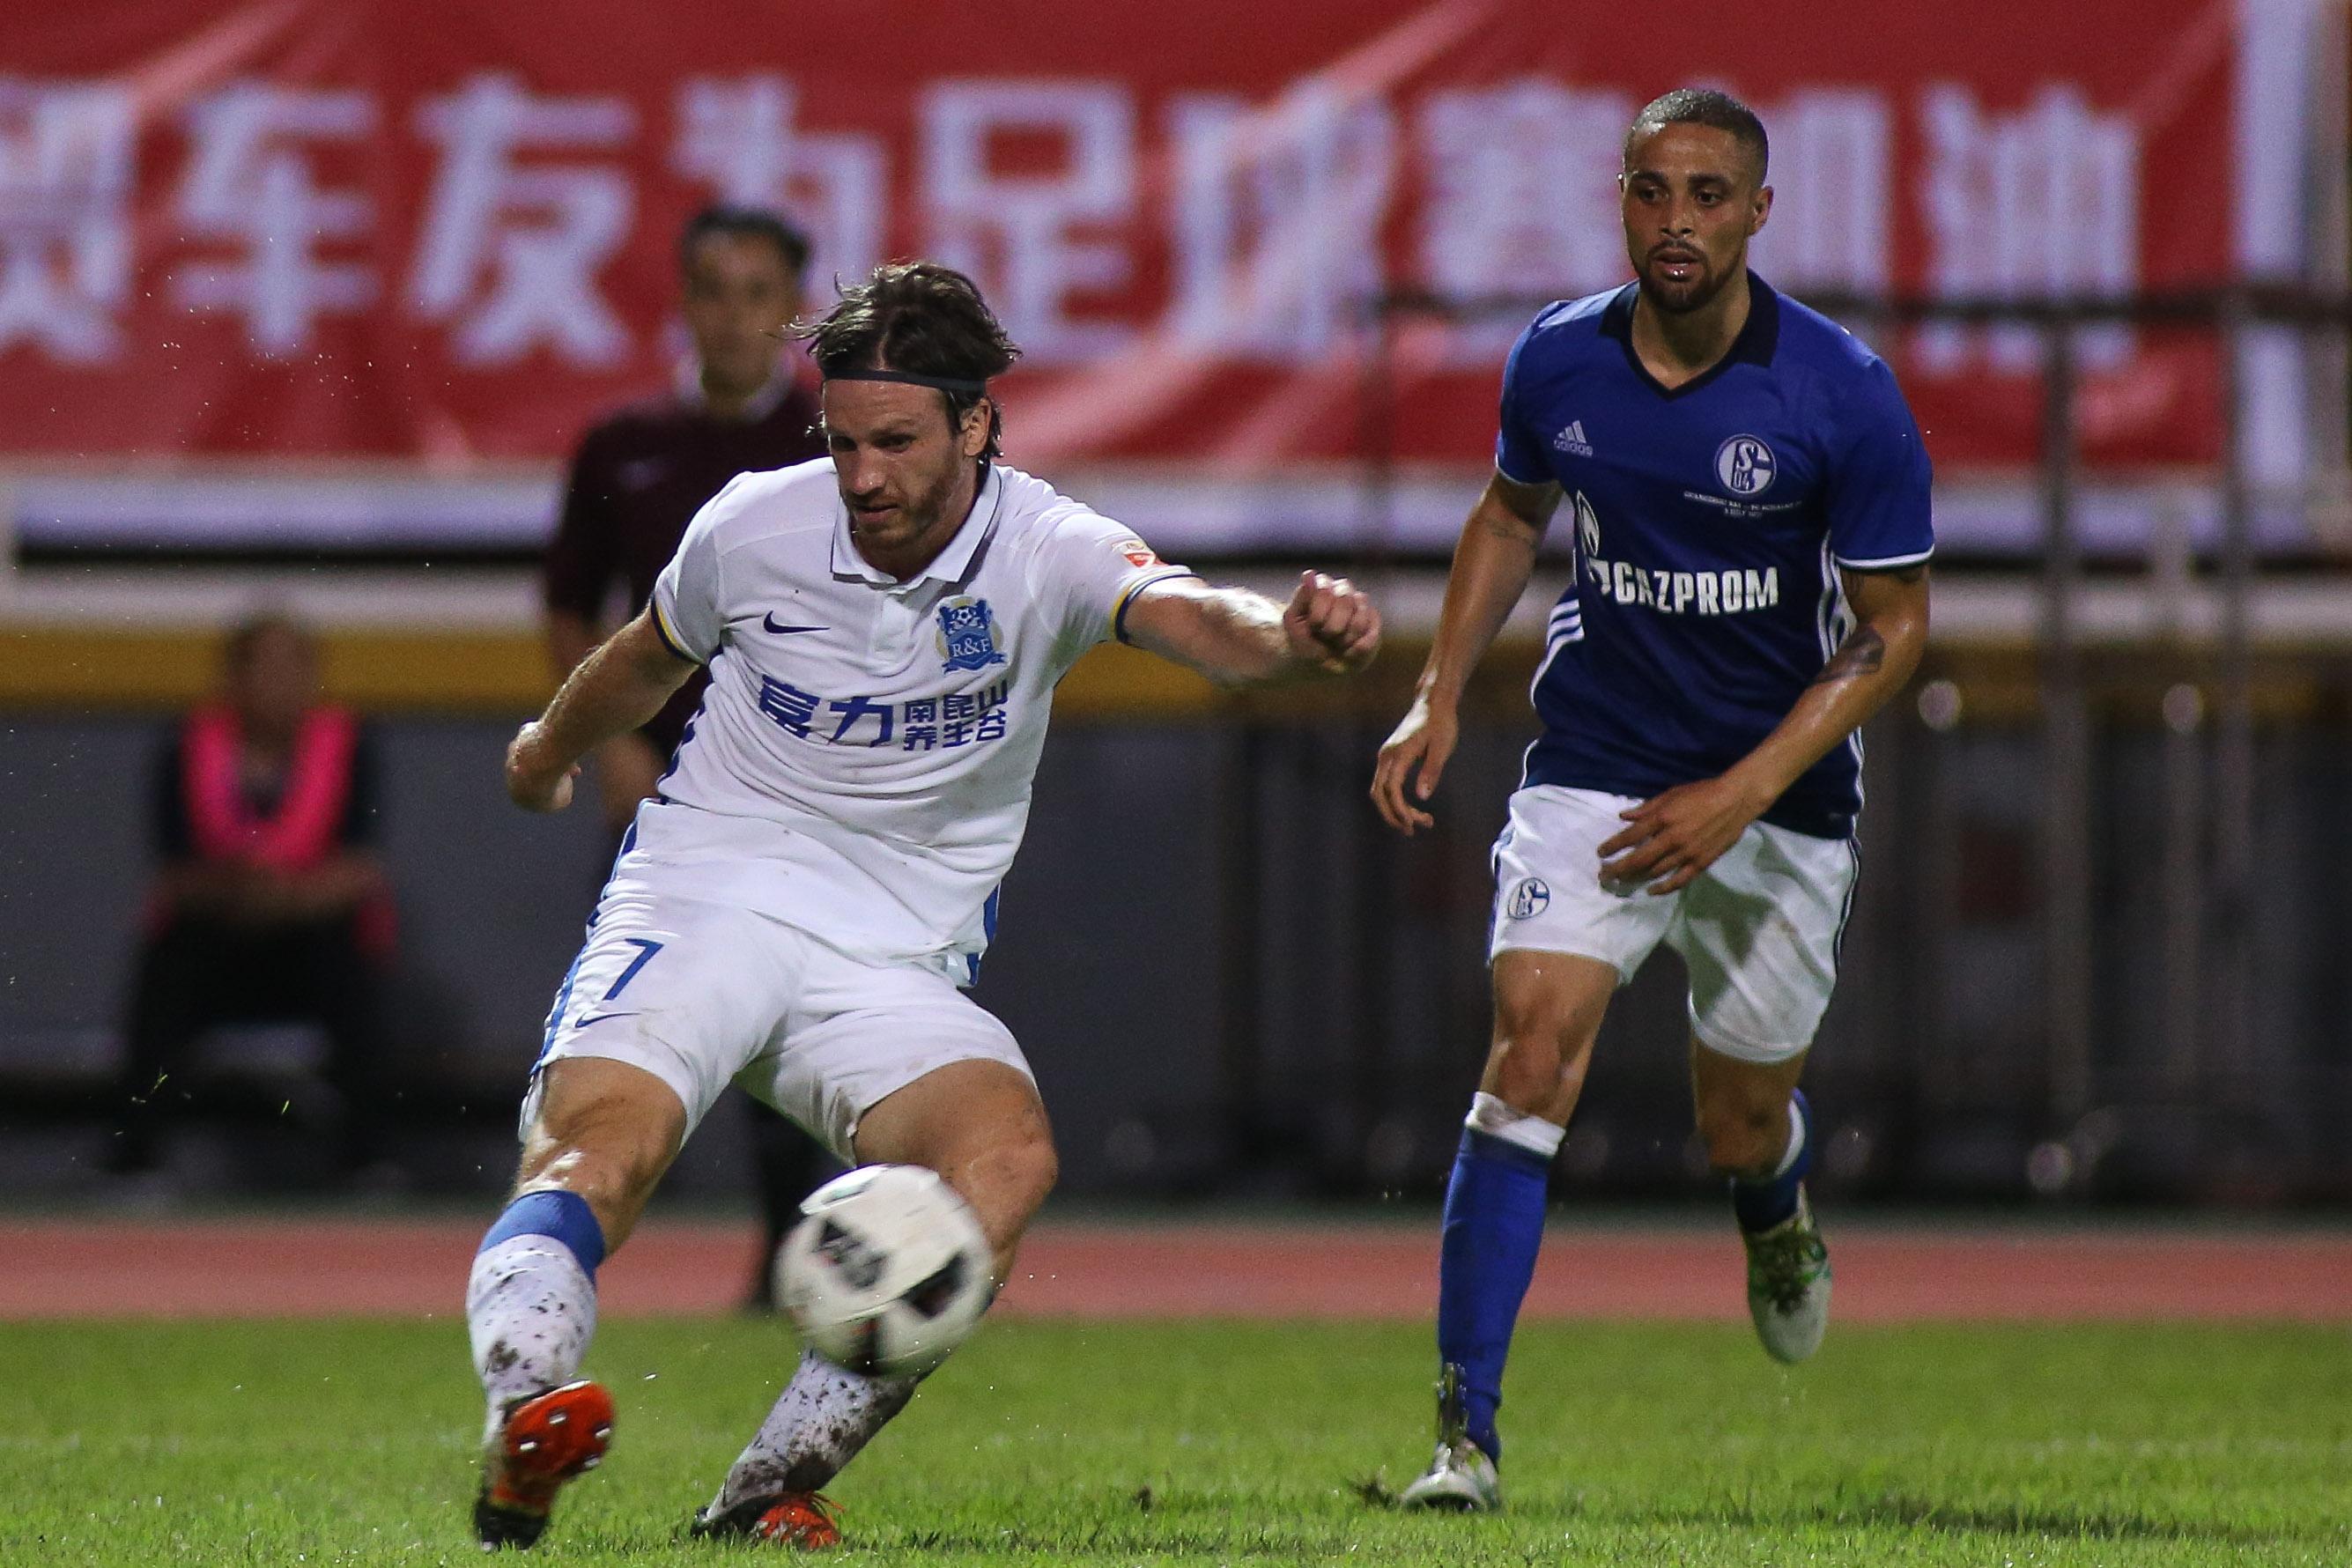 广州R&F v FC沙尔克04-友谊赛